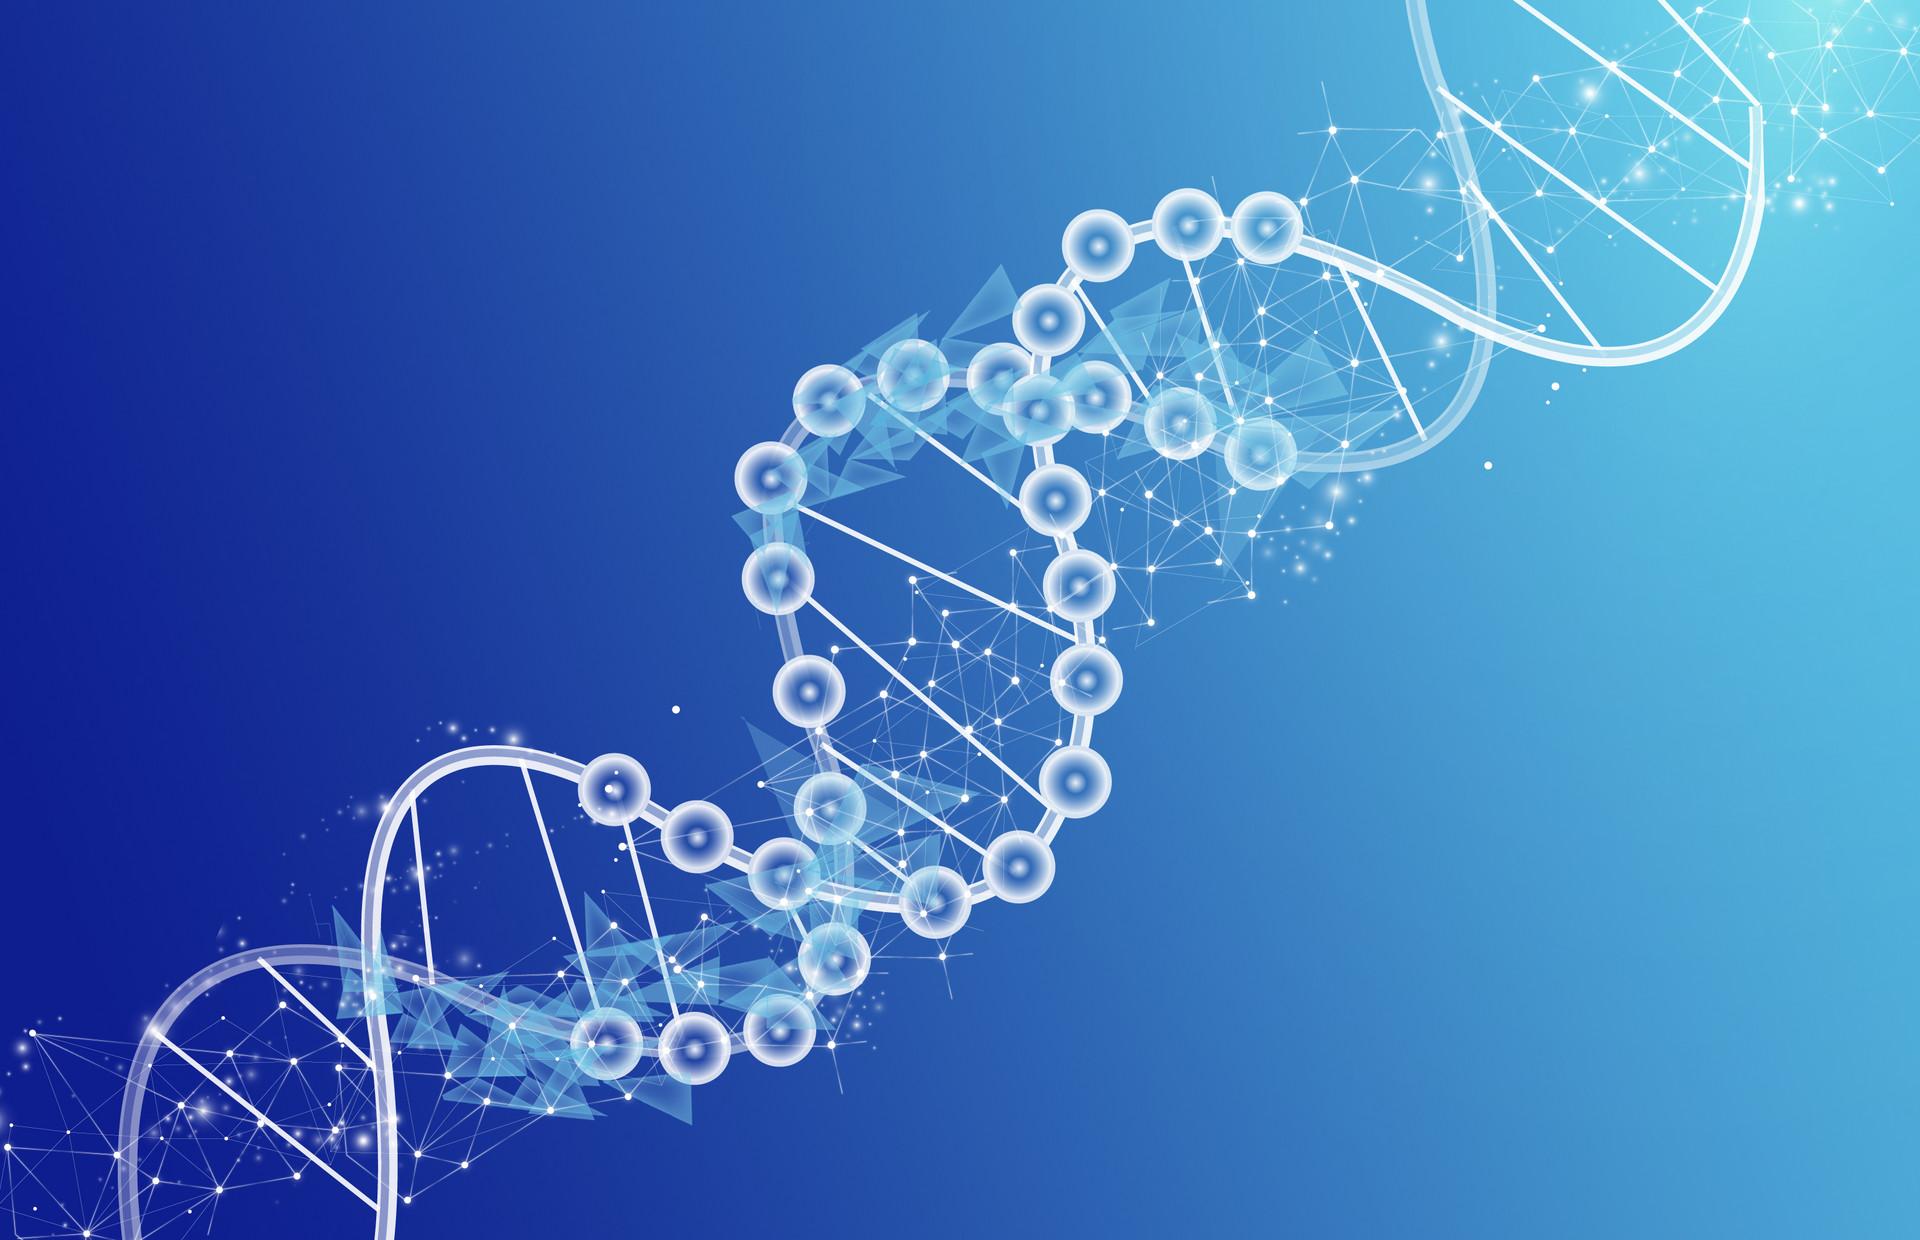 世界首例基因編輯嬰兒誕生,為了救命也不能這般魯莽